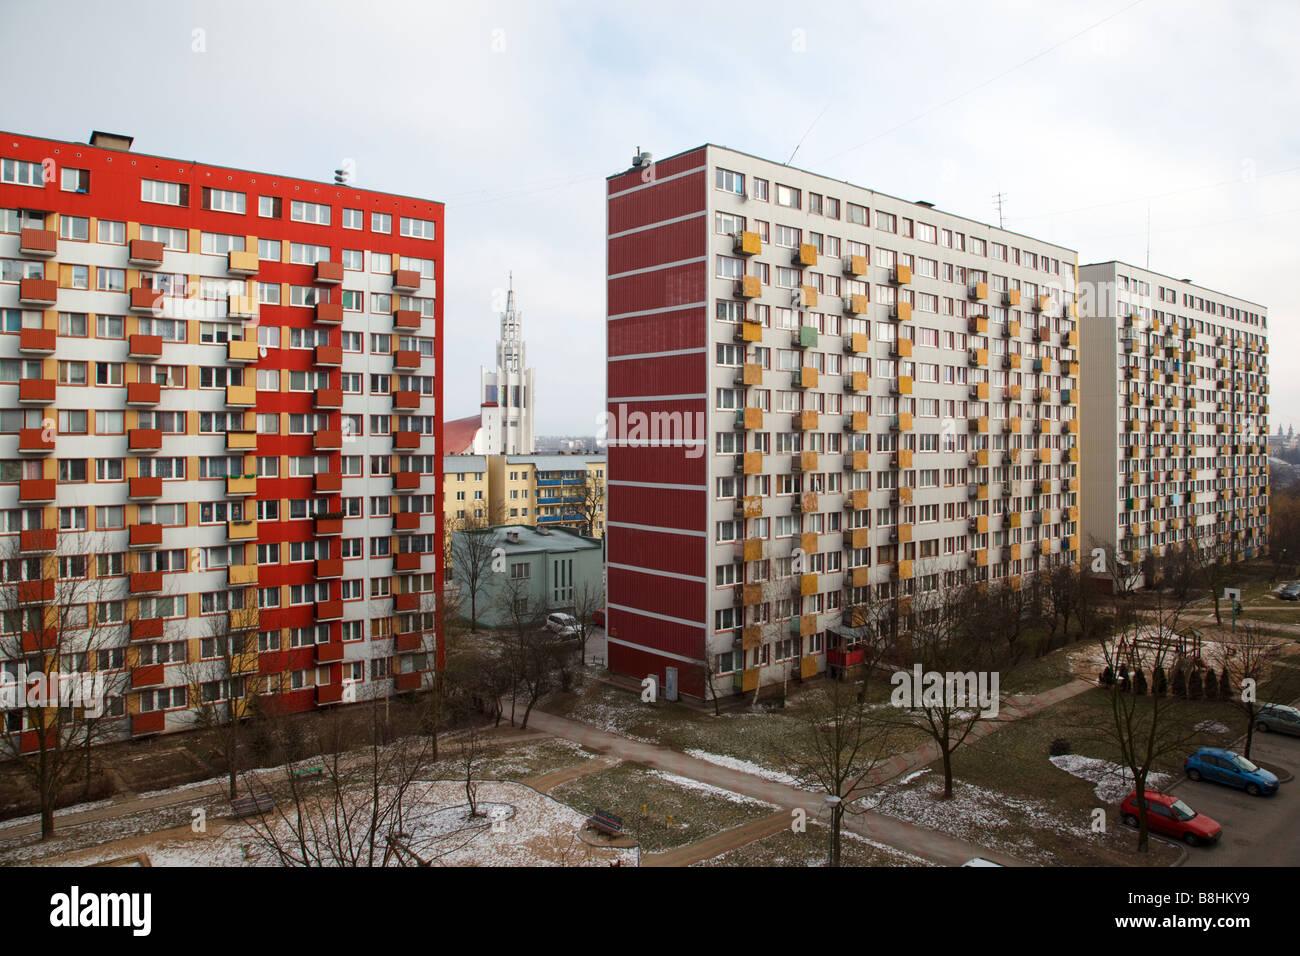 Sozialistischen Highrise Blocks vom Ende der 70er Jahre und eine katholische Kirche in Bialystok in Polen Stockbild